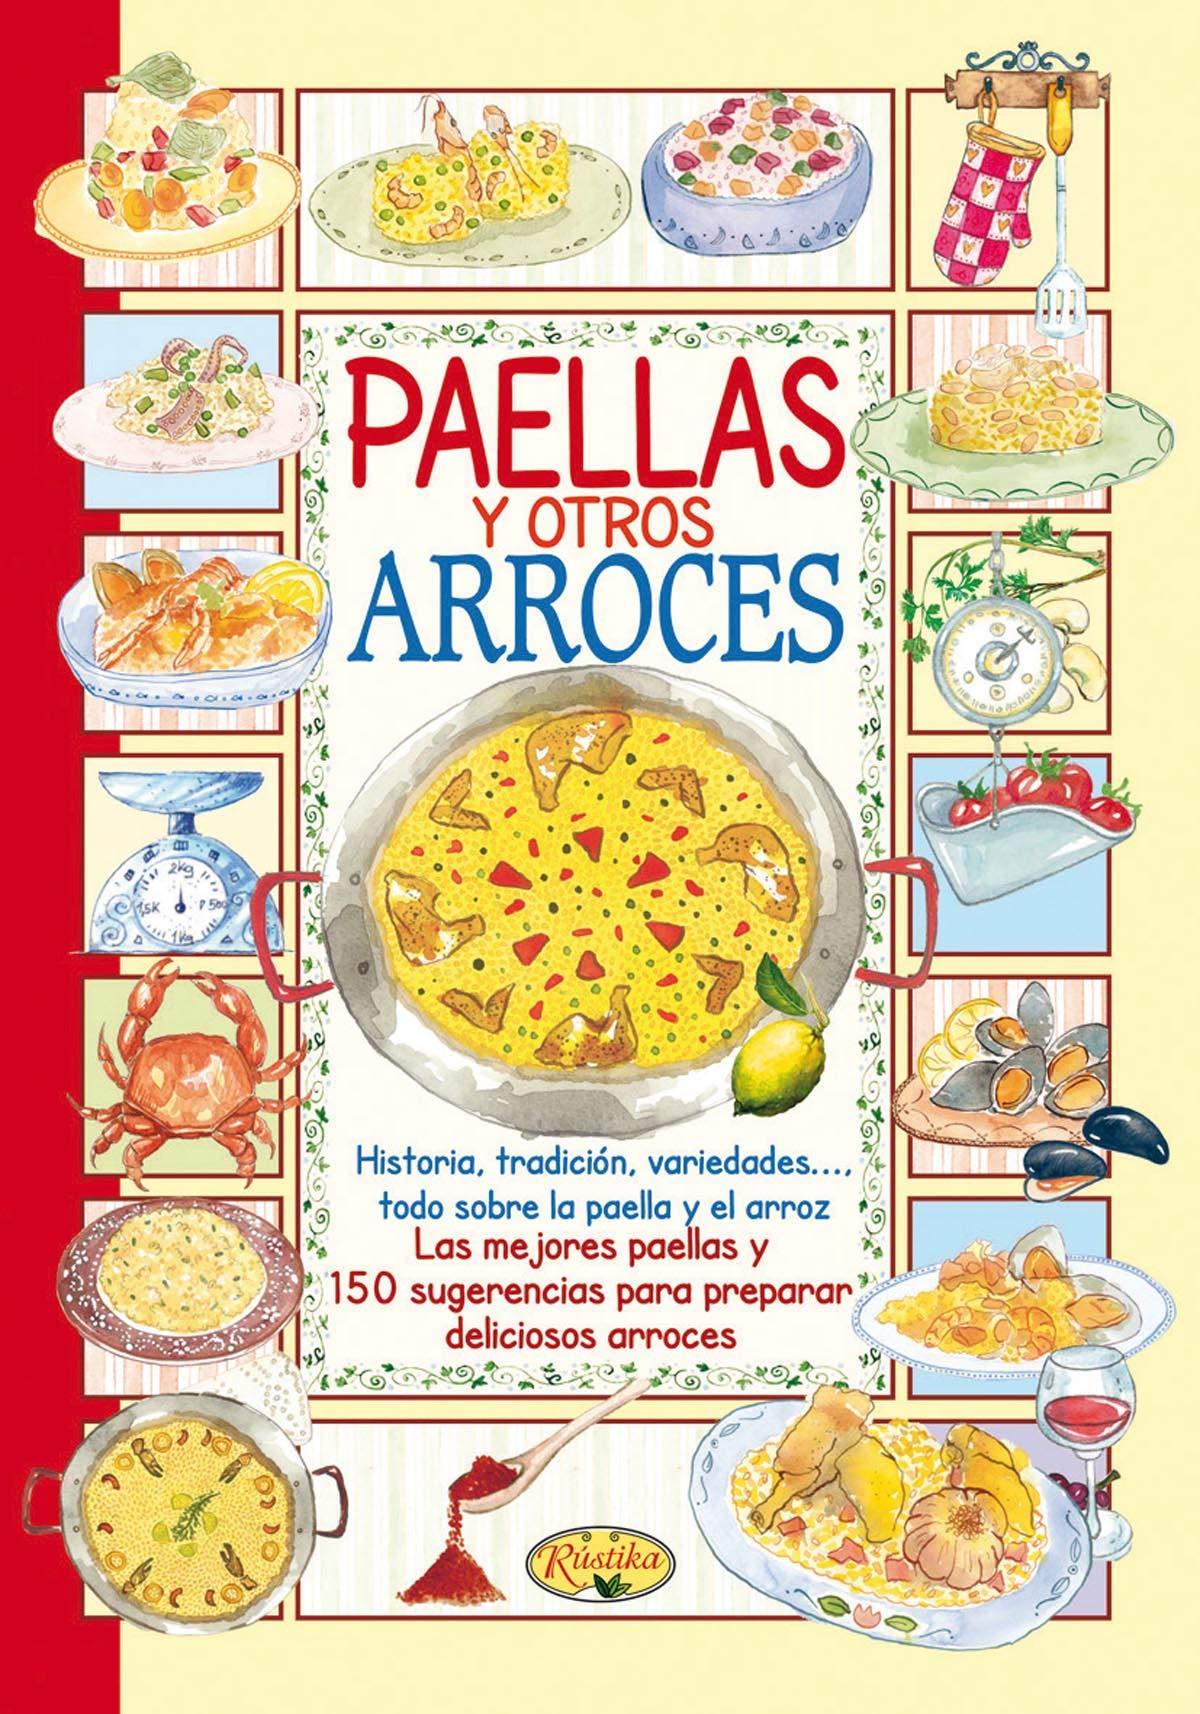 Paellas y arroces: Amazon.es: Rústika: Libros